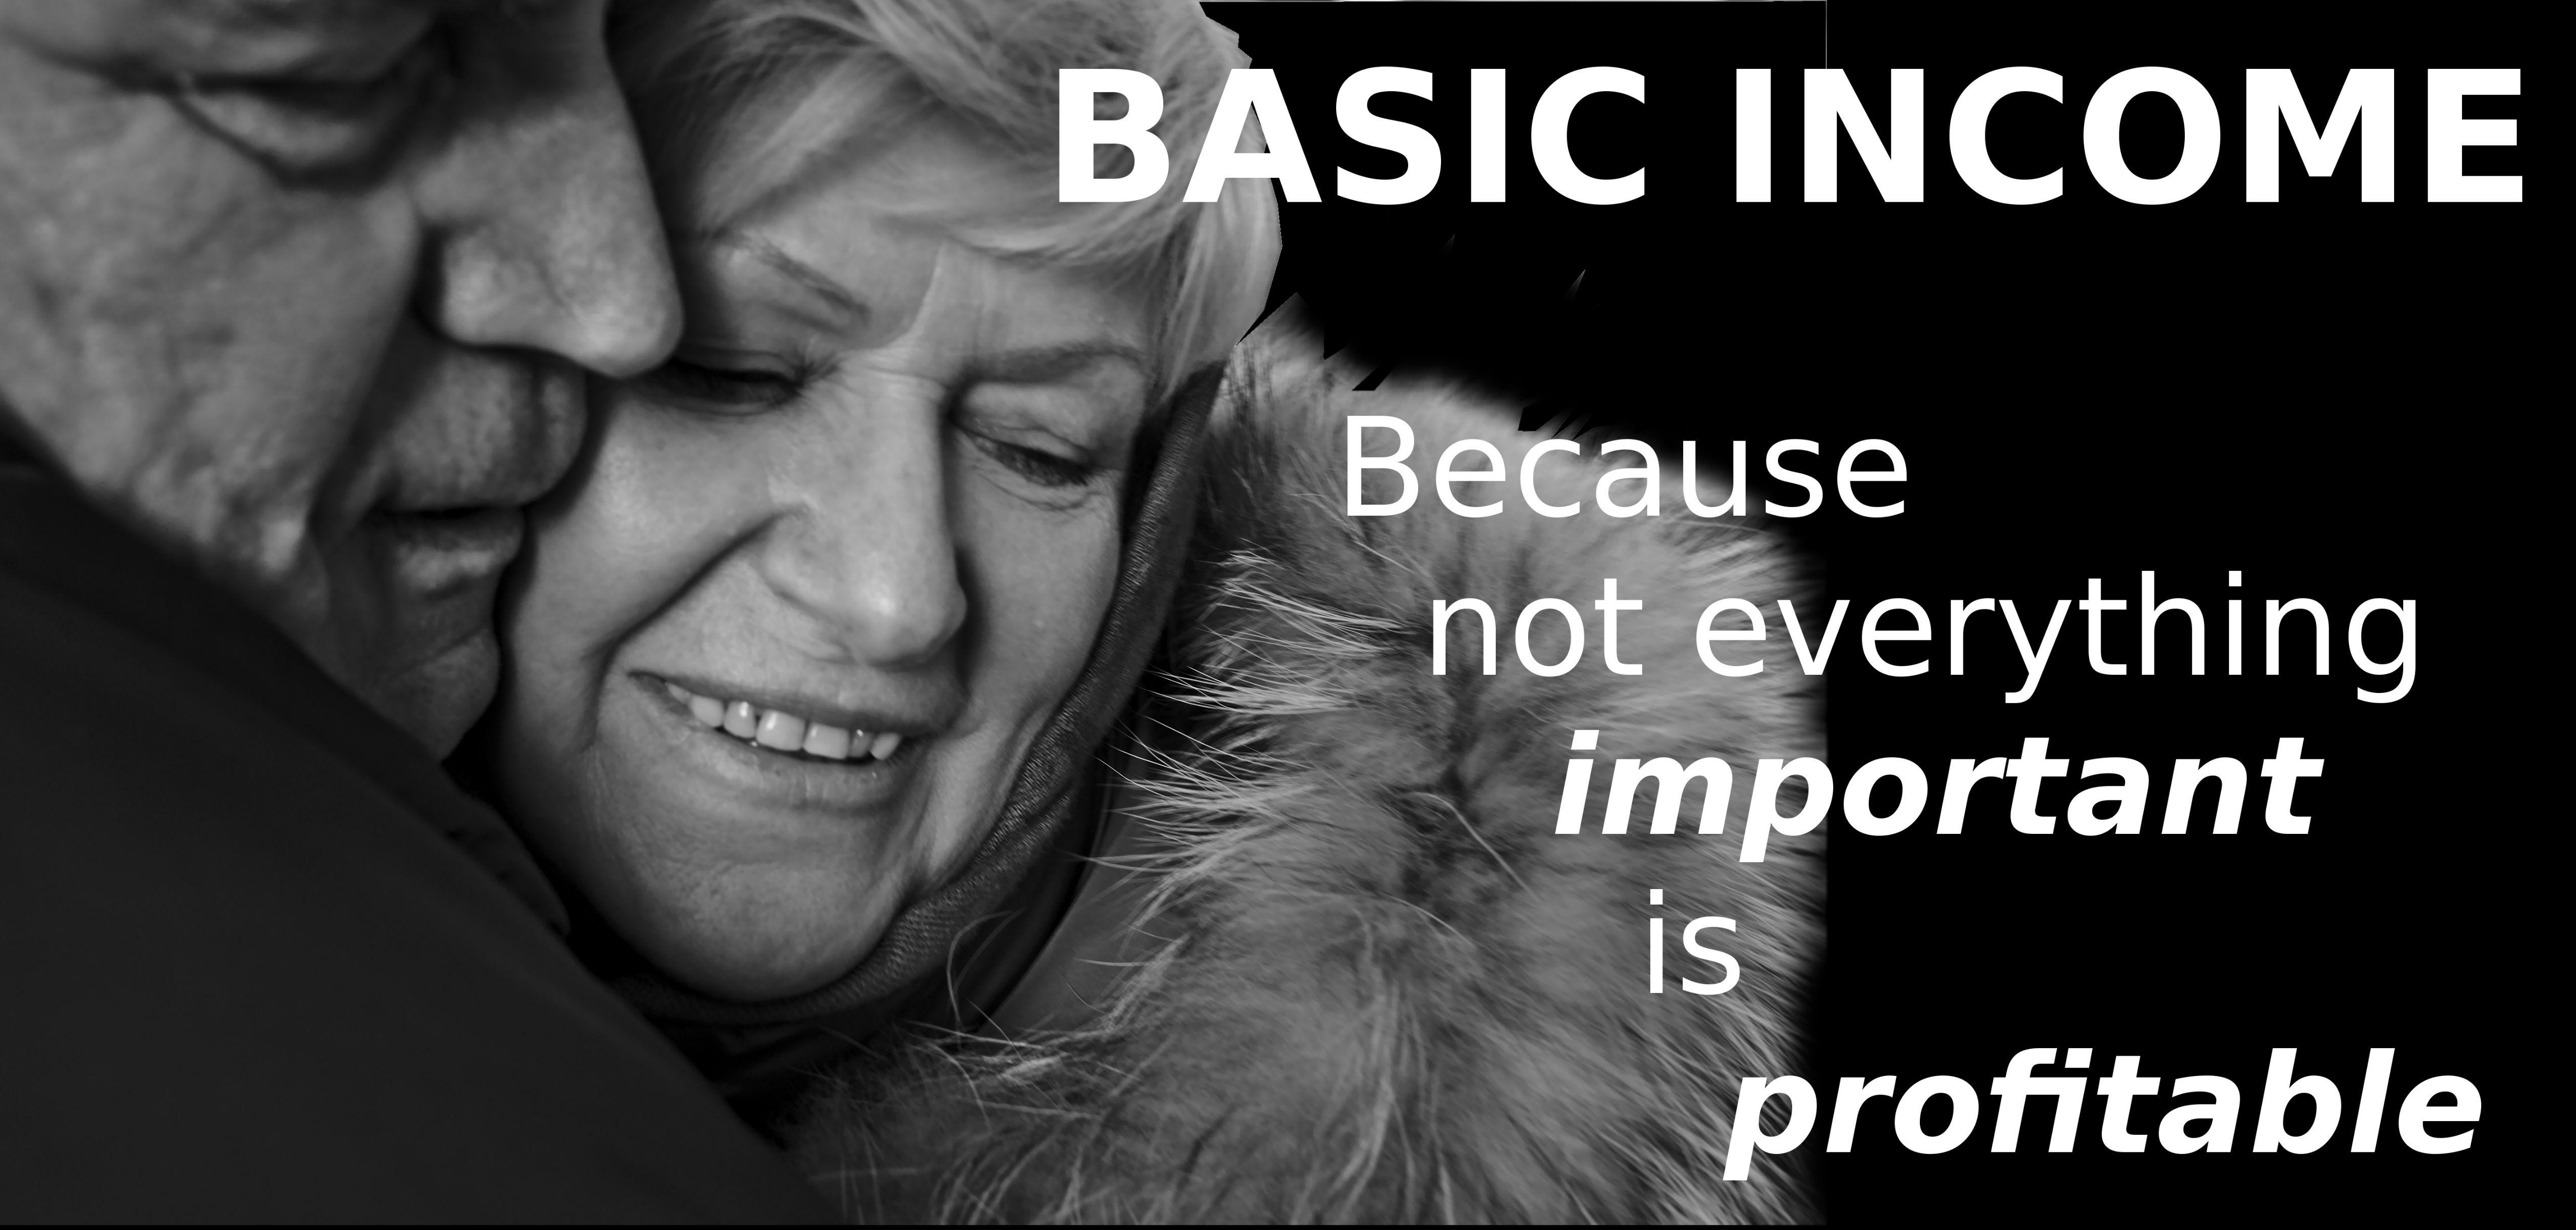 Канадцы считают, что безусловный доход улучшить жизнь в стране. Фото: basicincomenow.wordpress.com